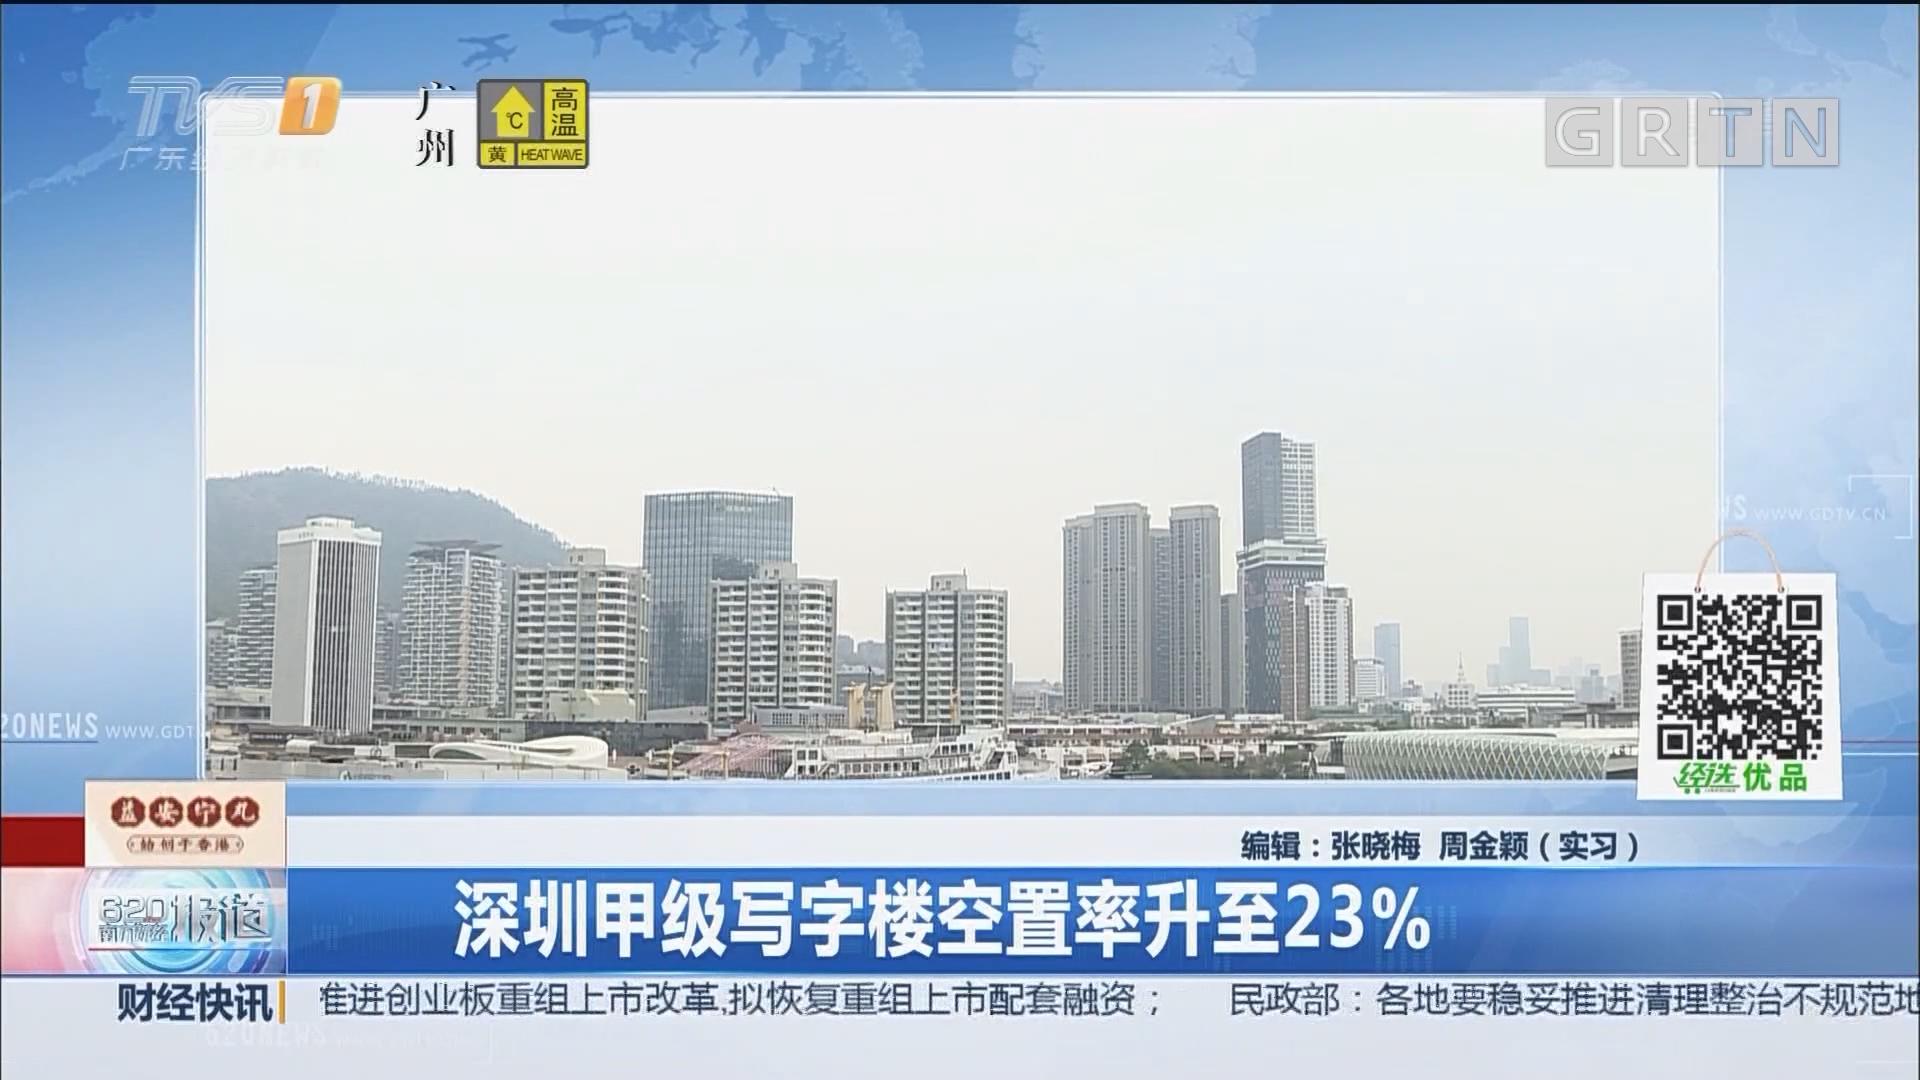 深圳甲级写字楼空置率升至23%